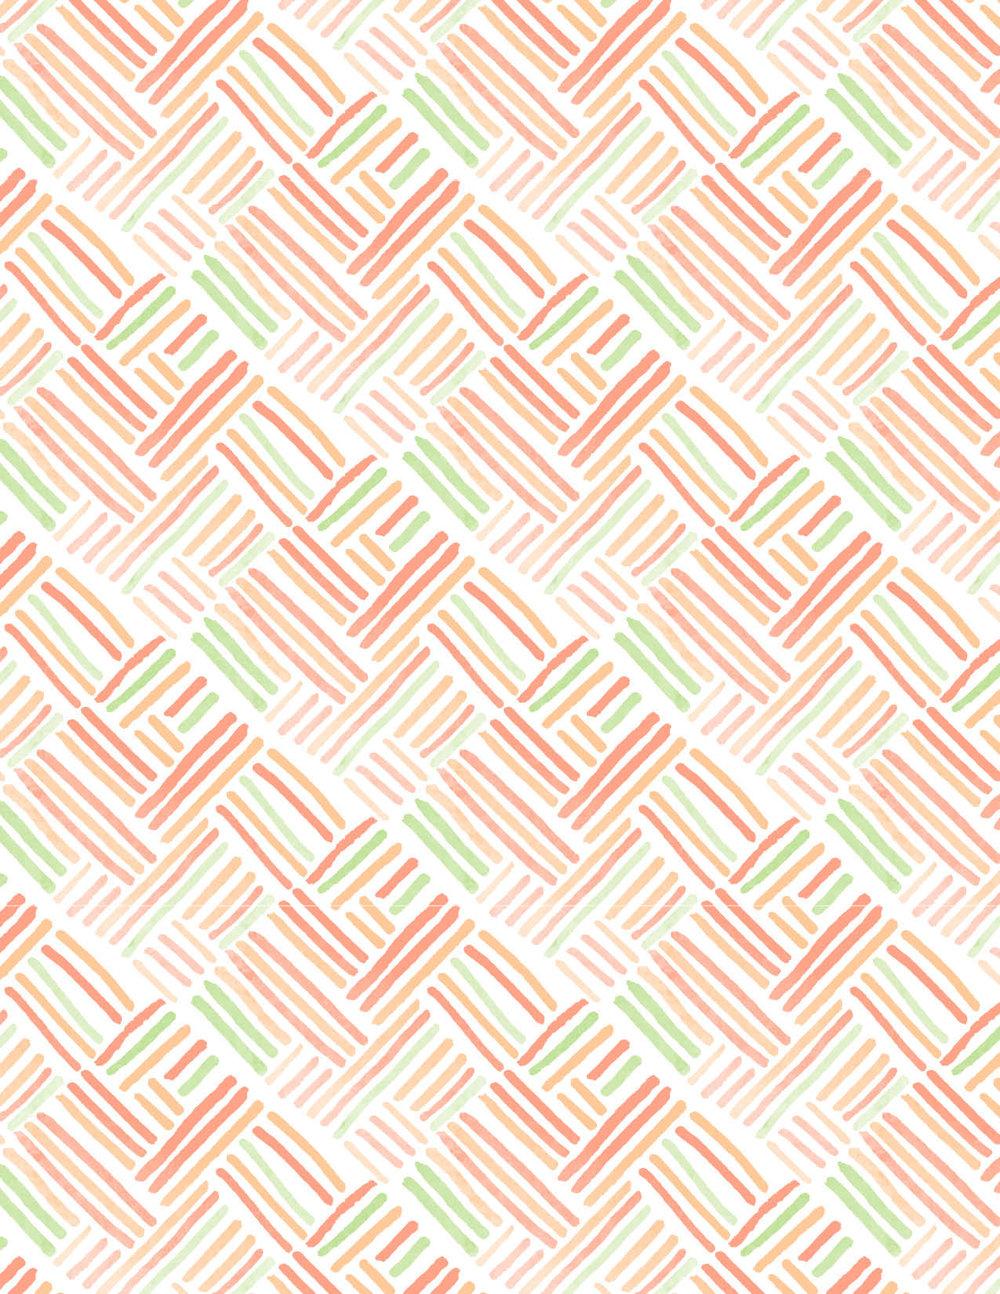 jessbruggink_pattern6.jpg